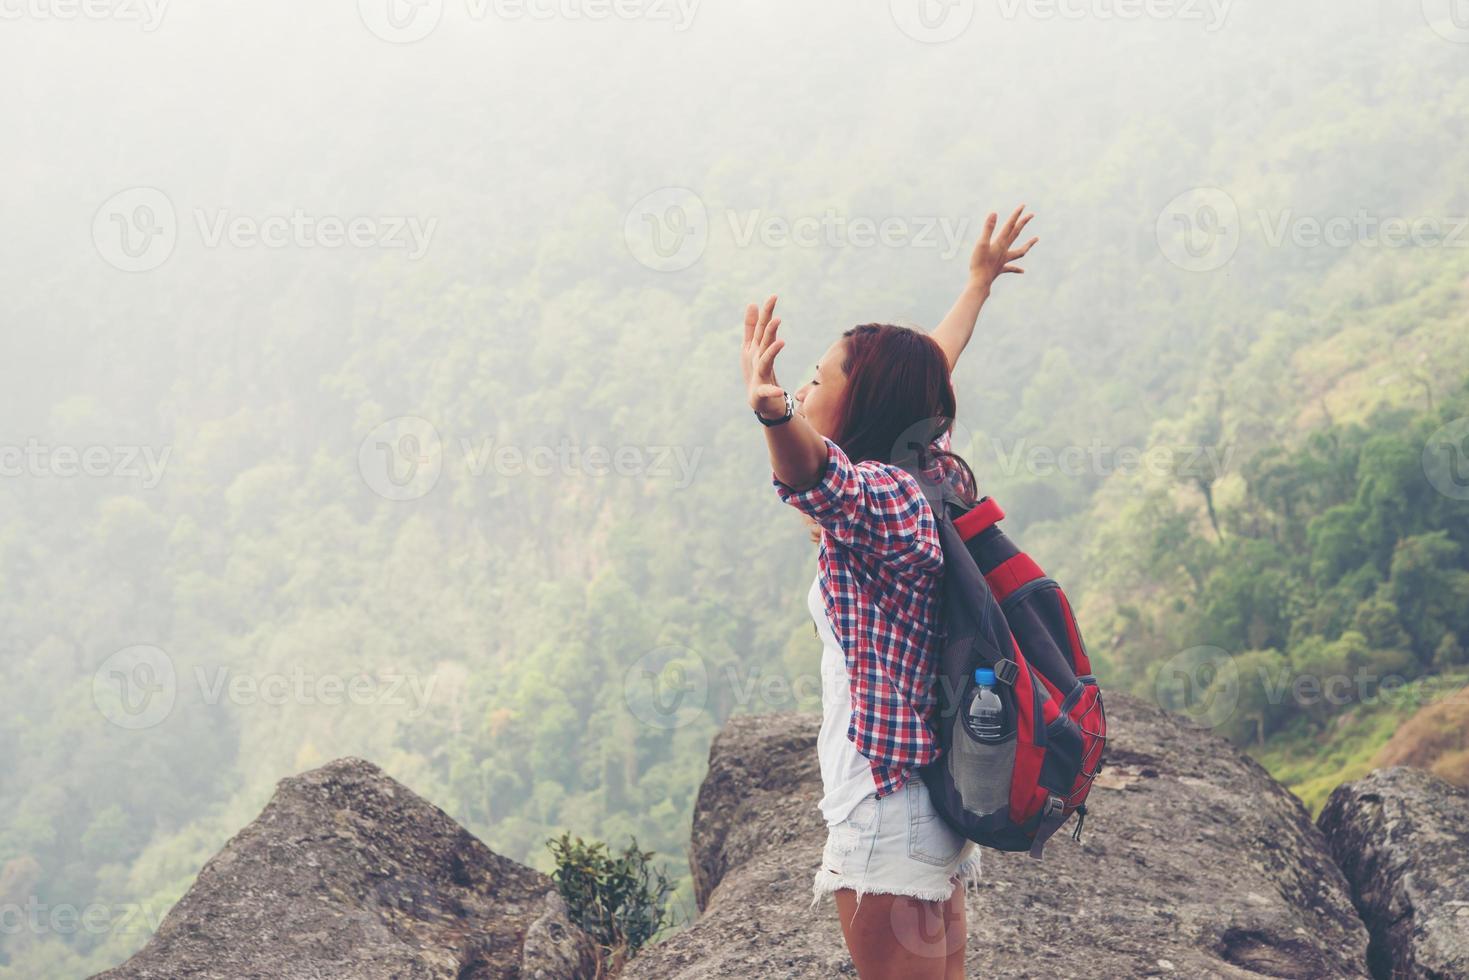 wandelaar met rugzak staande op de top van een berg met opgeheven handen foto